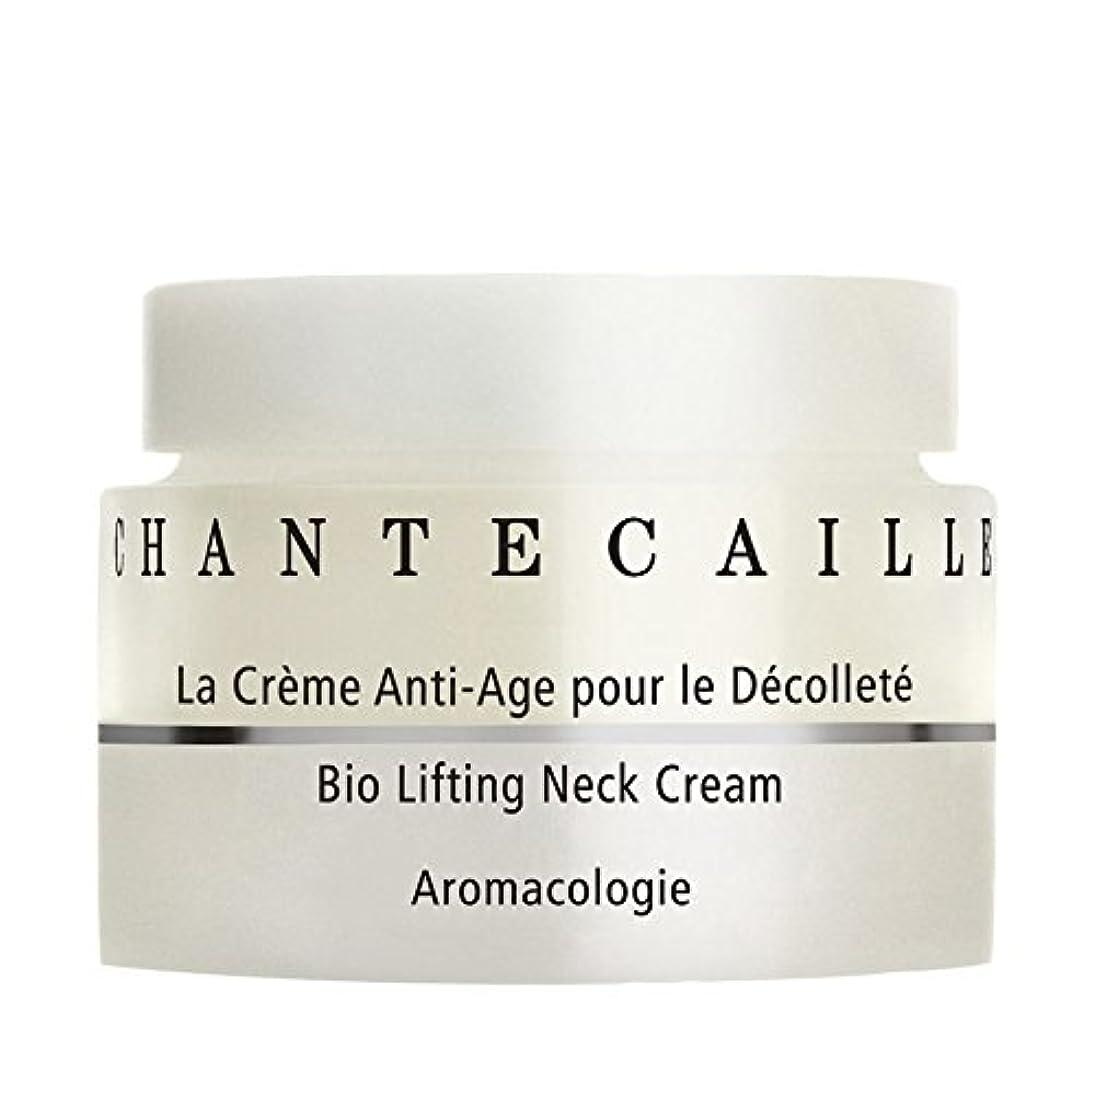 規制する行く人道的Chantecaille Biodynamic Lifting Neck Cream, Chantecaille (Pack of 6) - シャンテカイユバイオダイナミックリフティングネッククリーム、シャンテカイユ x6...